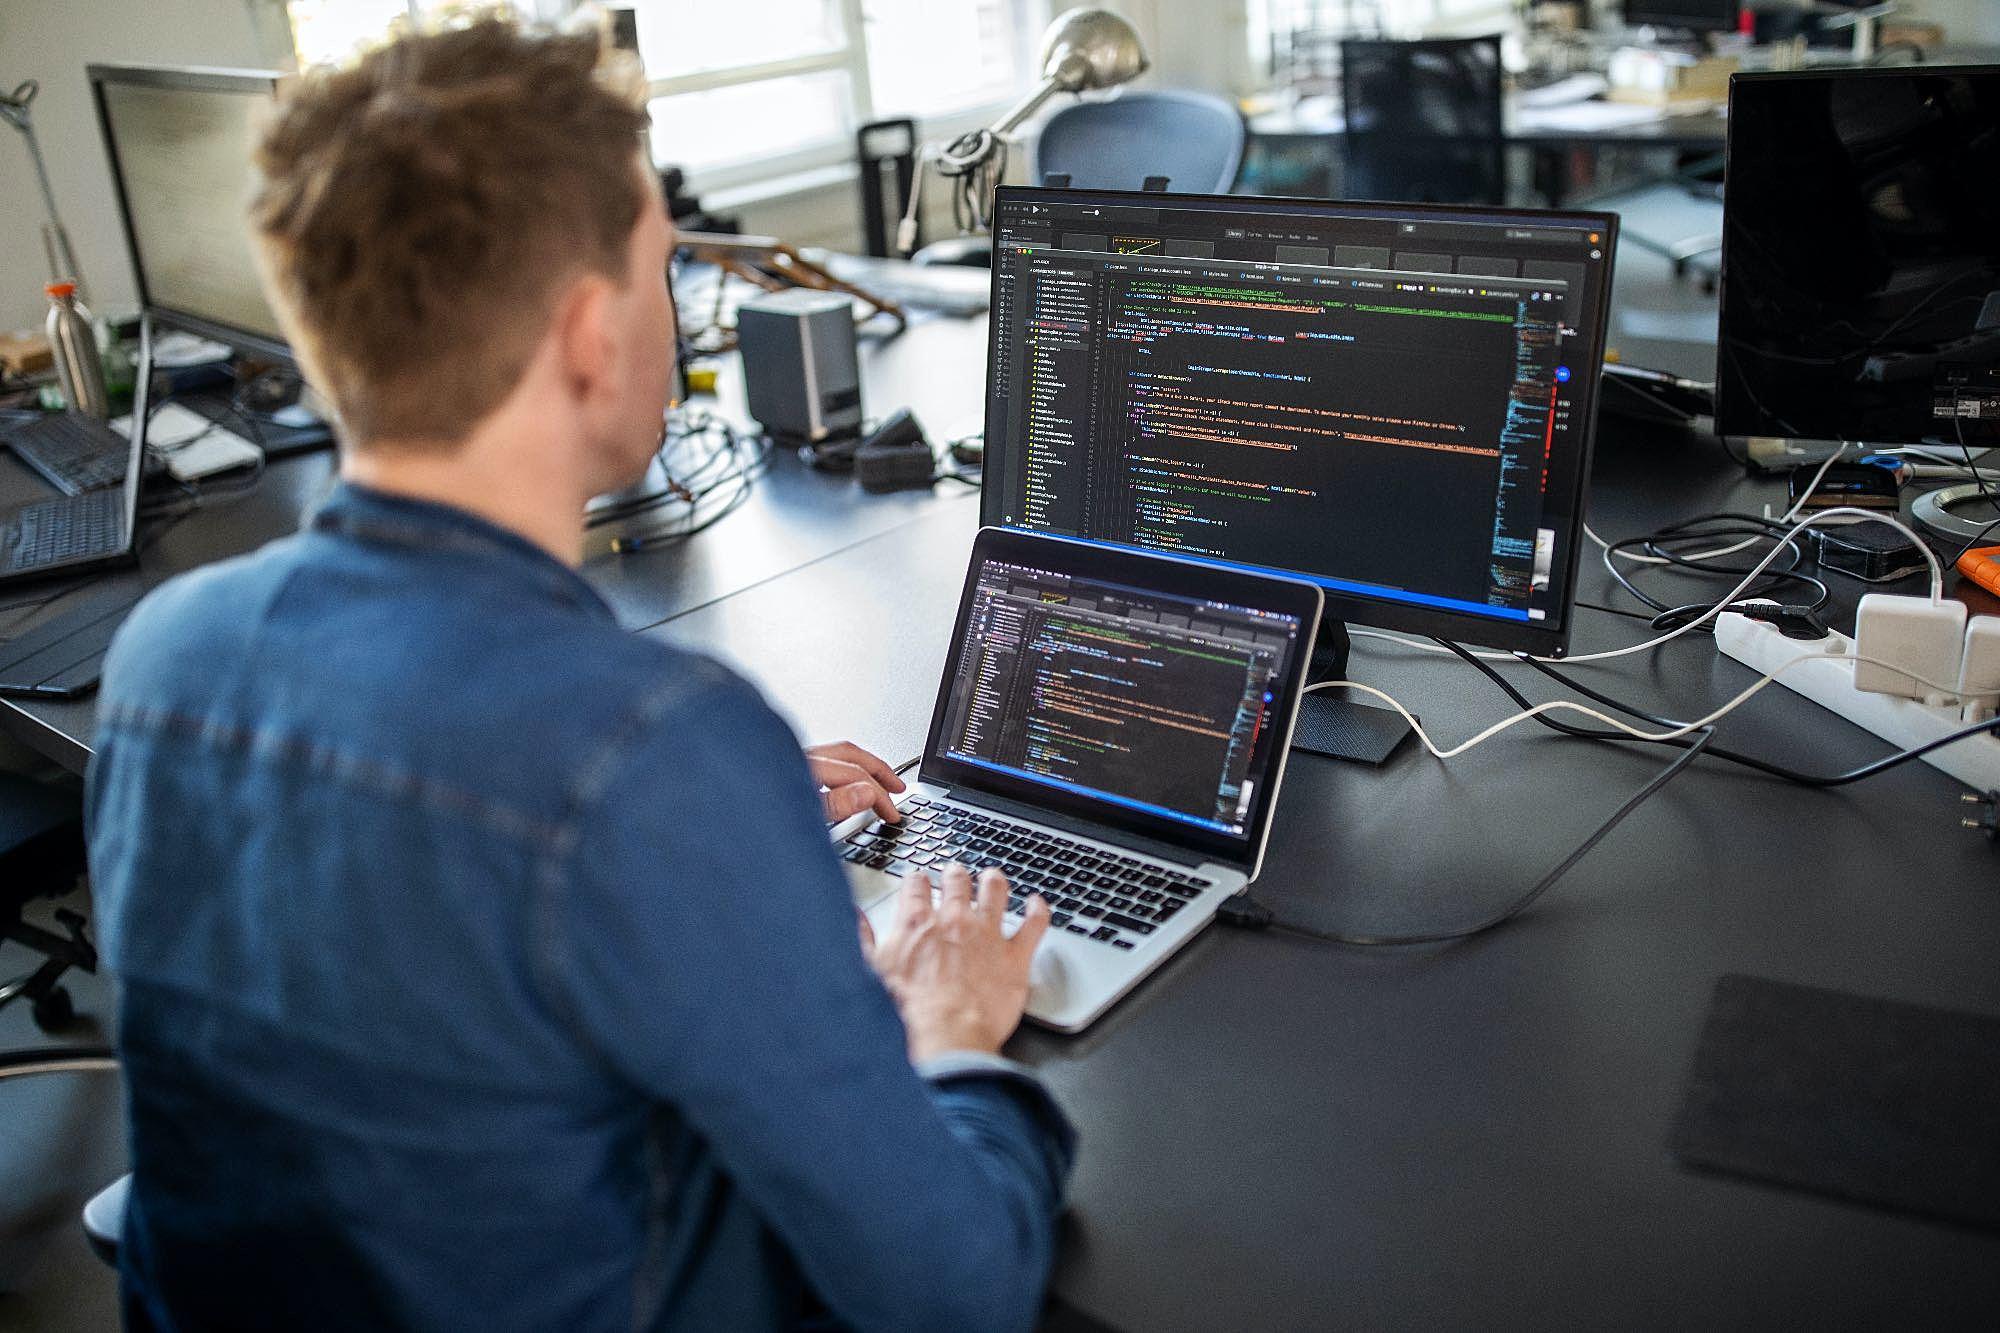 Desenvolvimento de software sob demanda: quais as vantagens?